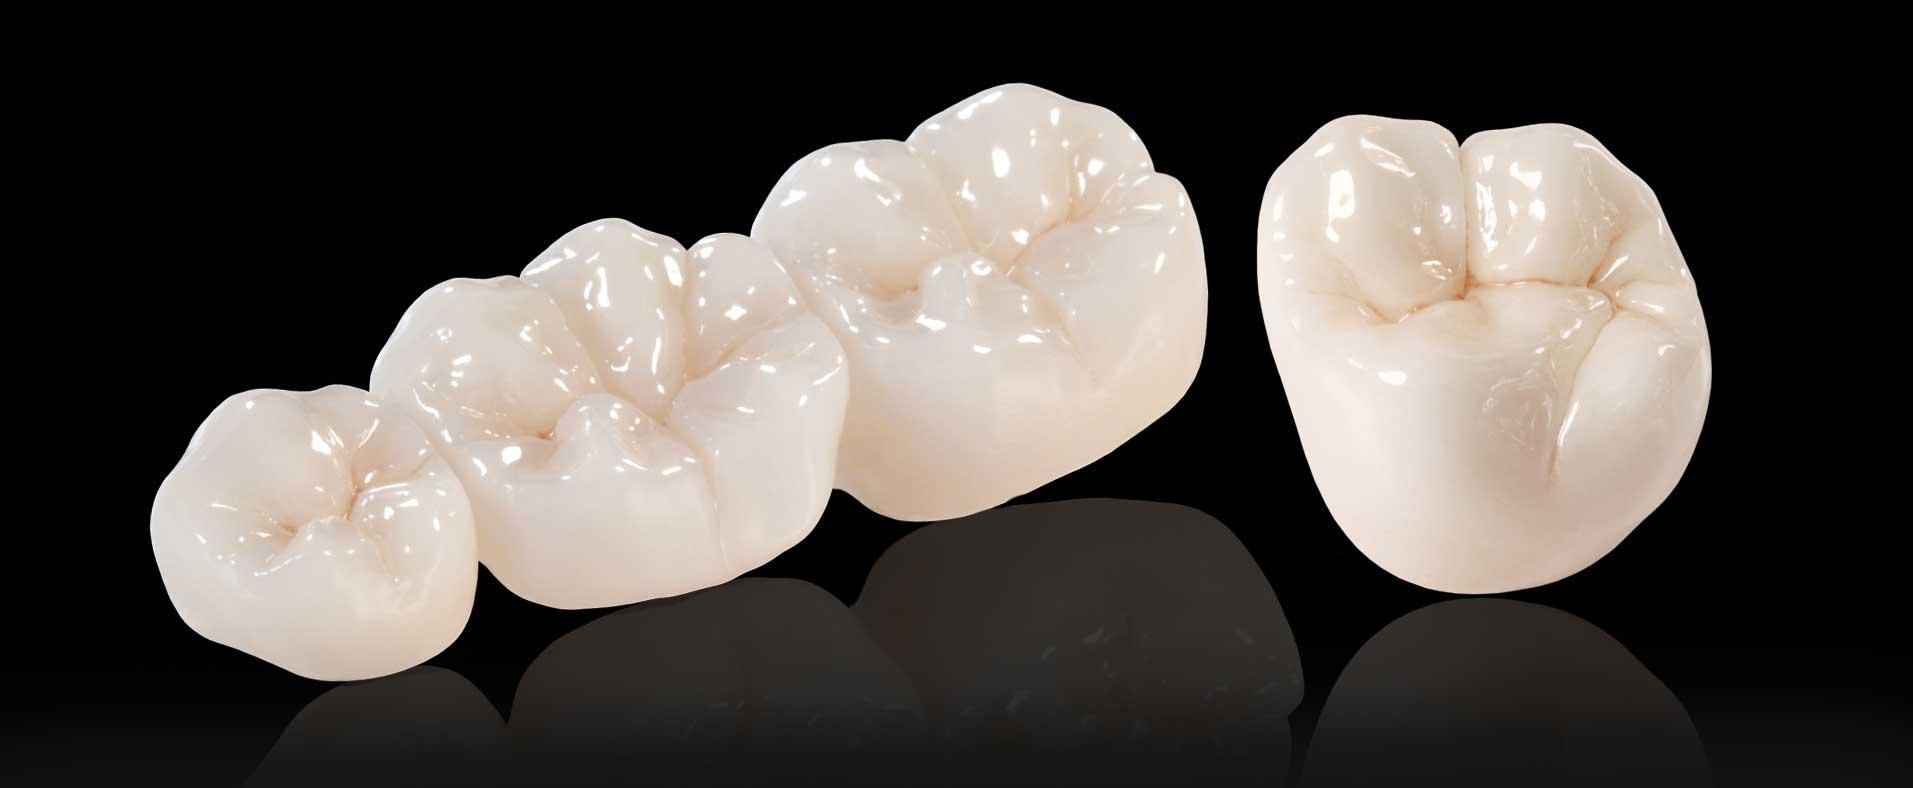 Quy trình làm răng sứ Zirconia